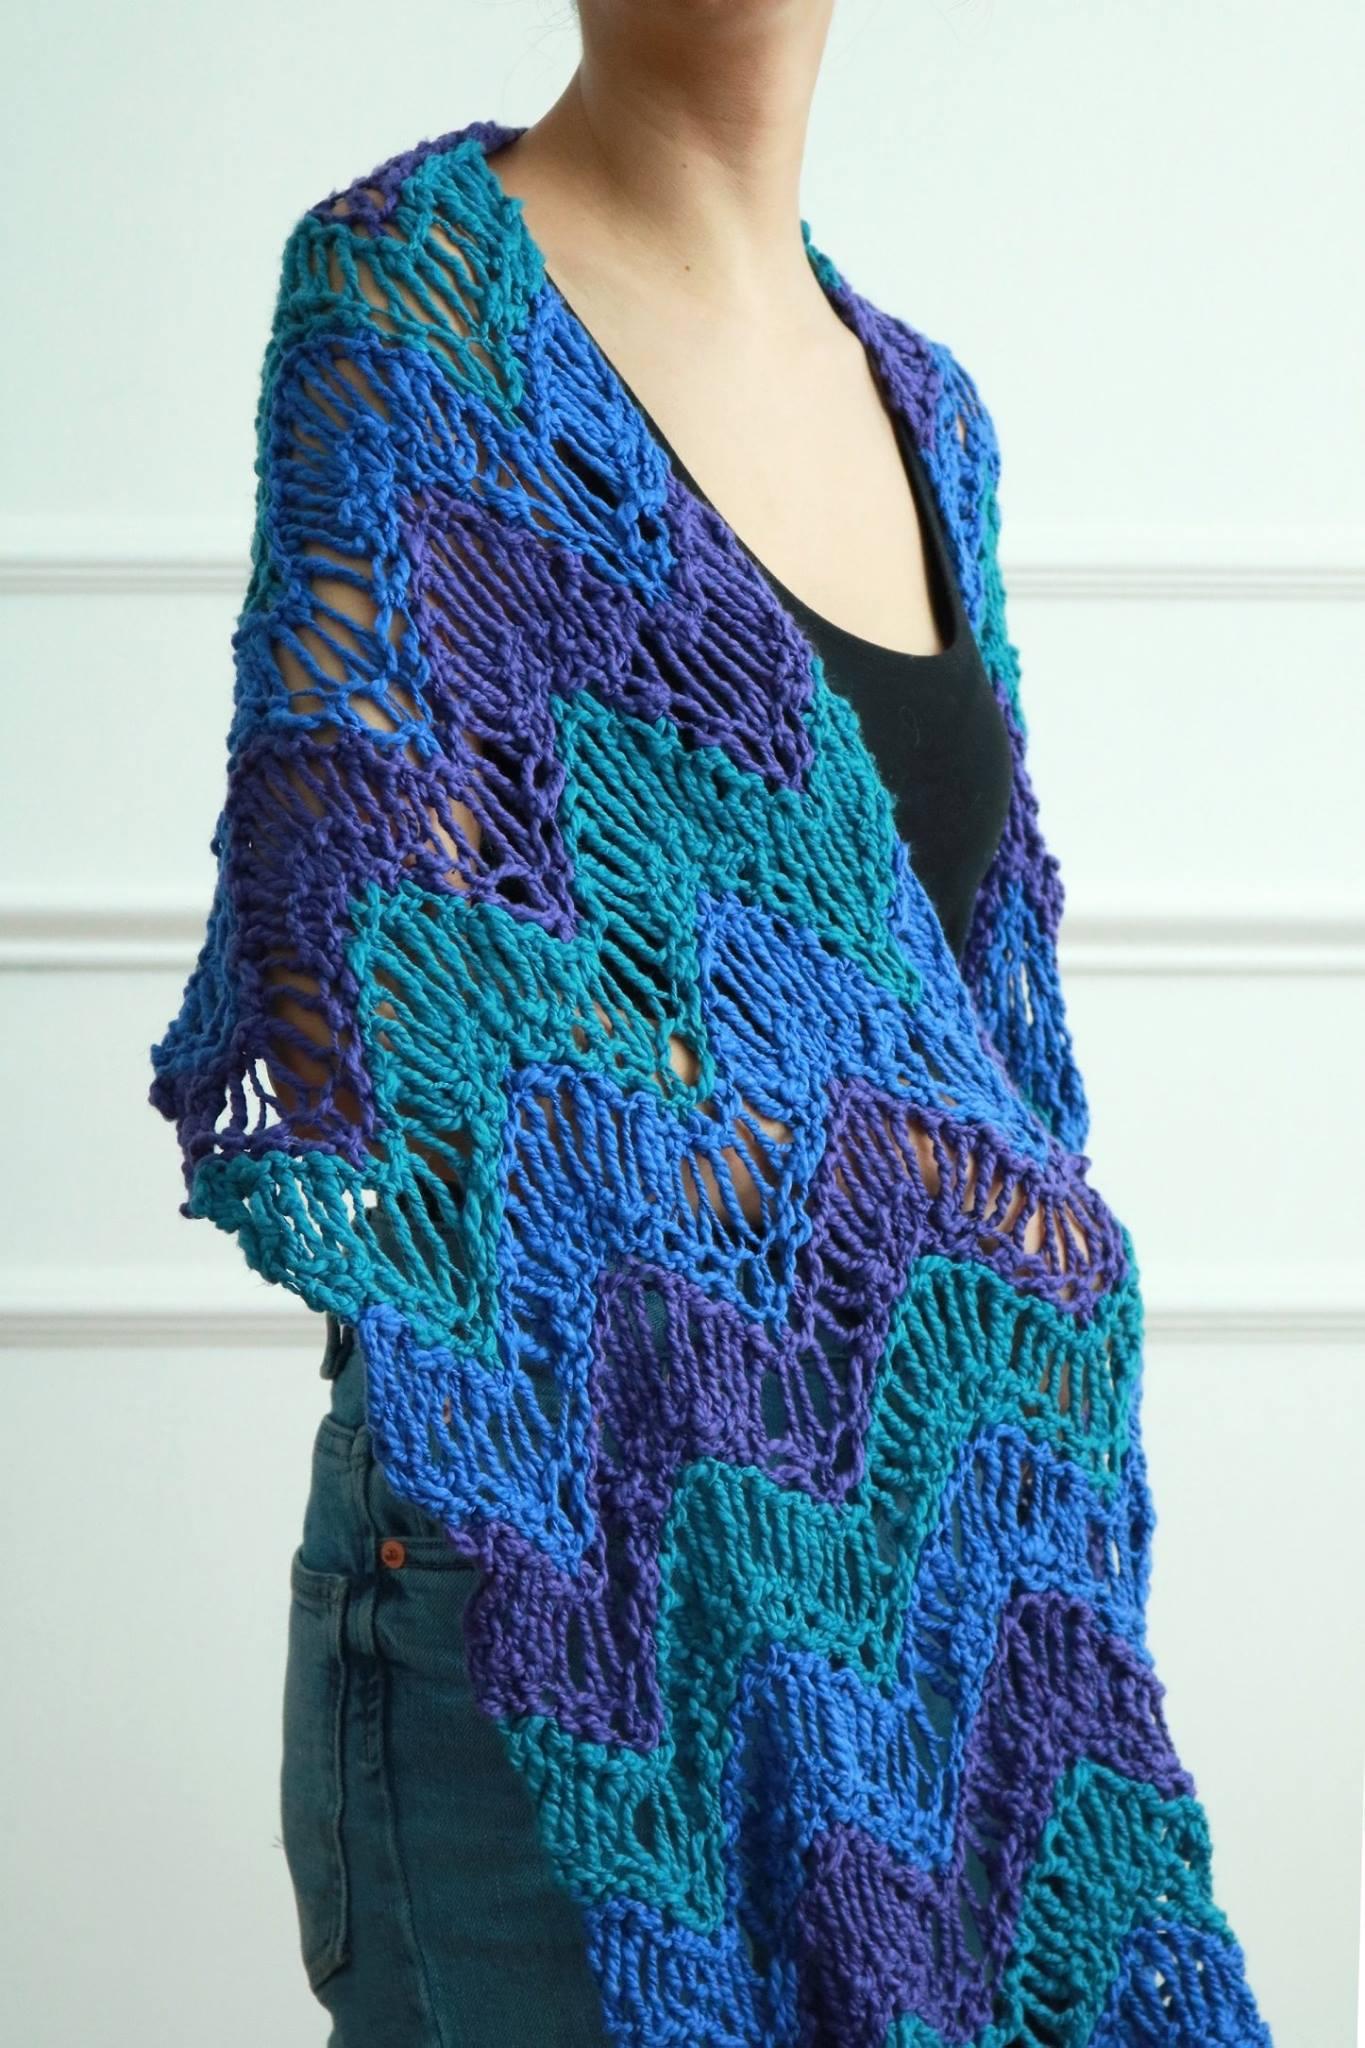 breezy knit crate.jpg